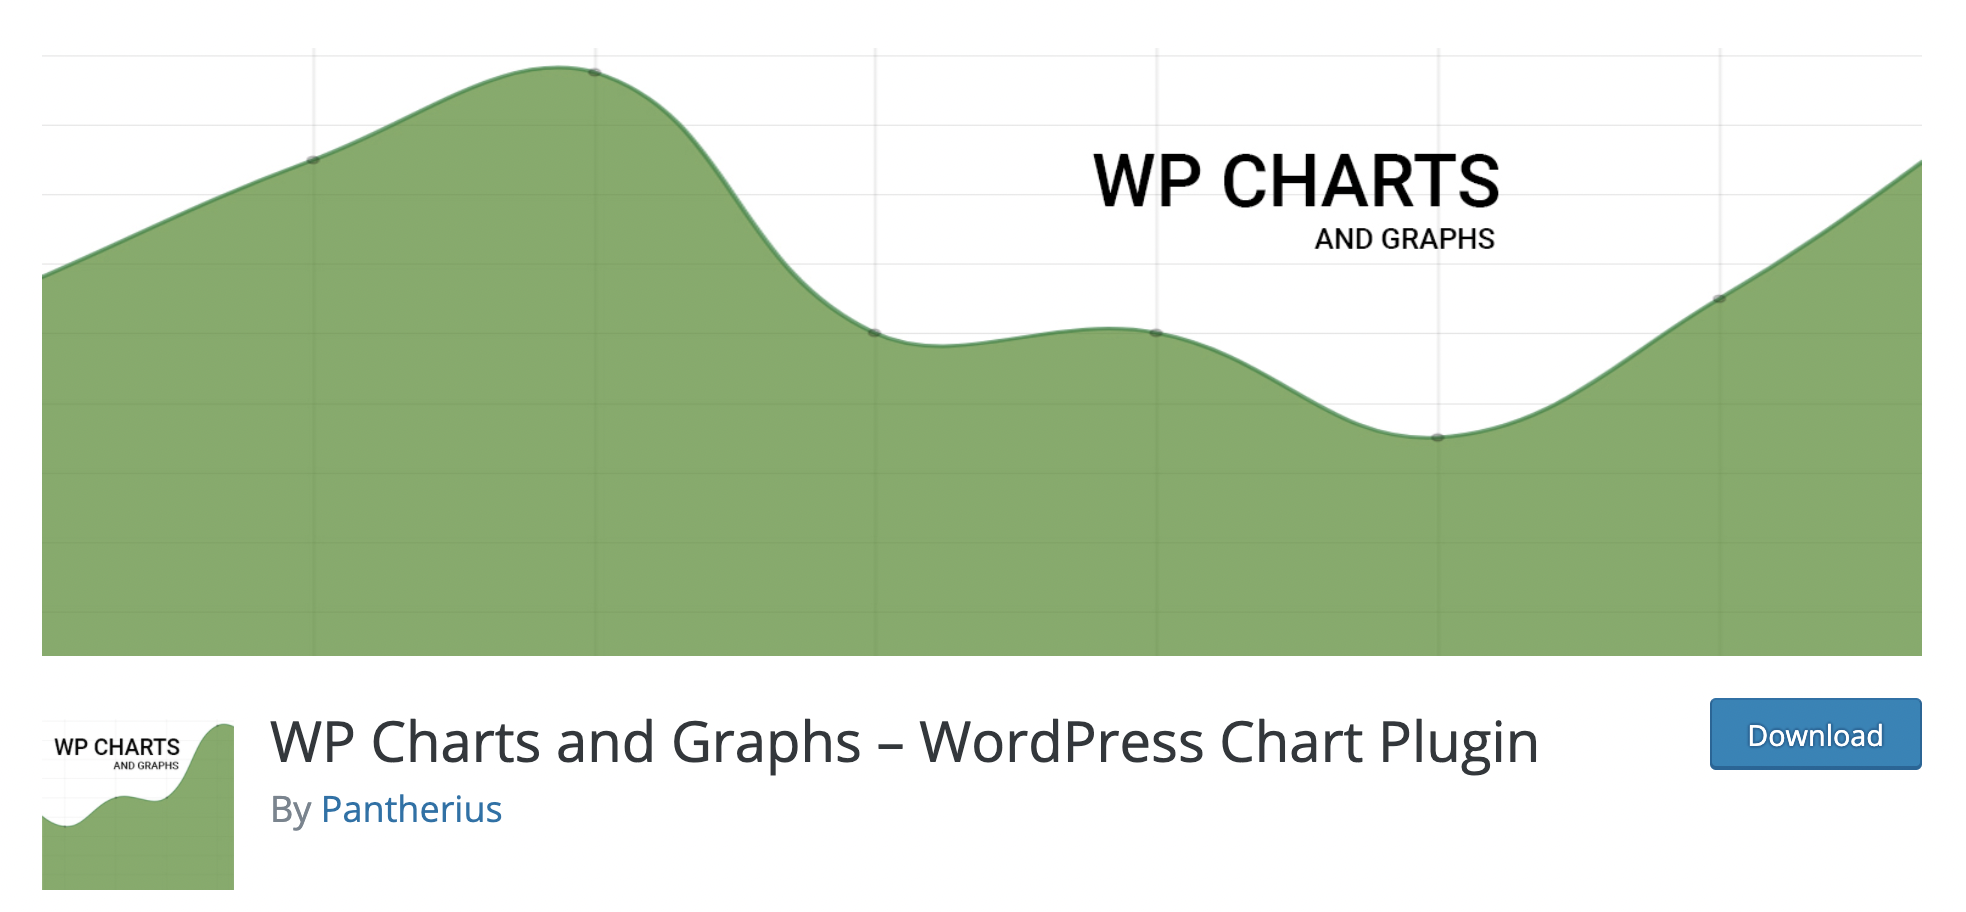 WP Charts and Graphs – WordPress Chart Plugin